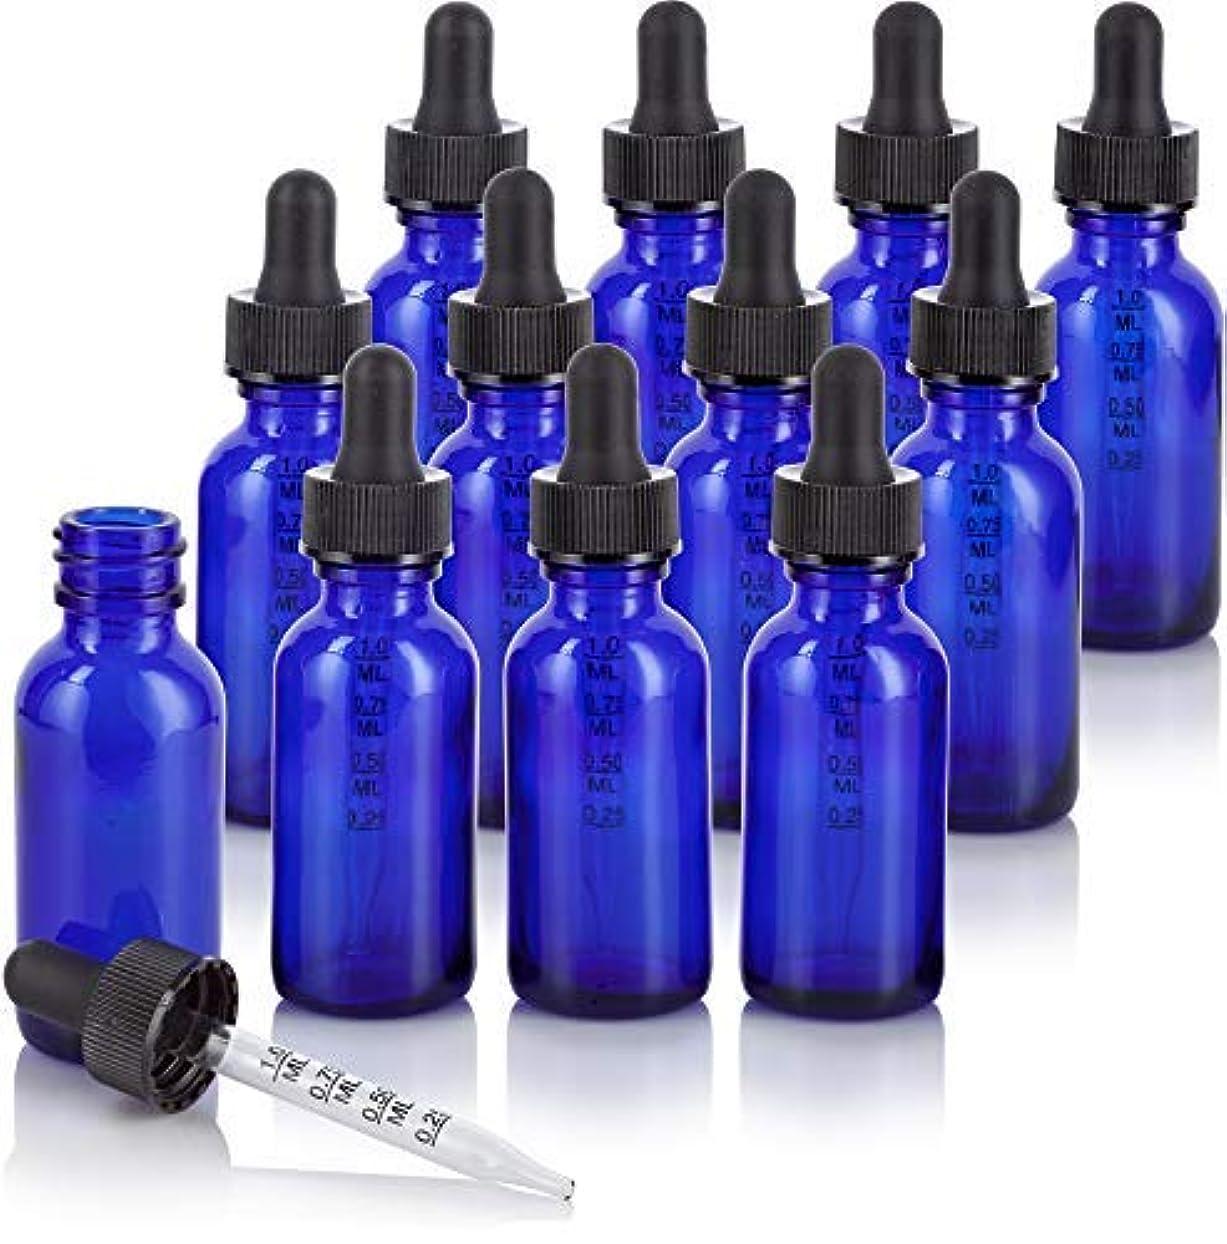 るスケルトン印象1 oz Cobalt Blue Glass Boston Round Graduated Measurement Glass Dropper Bottle (12 pack) + Funnel for essential...